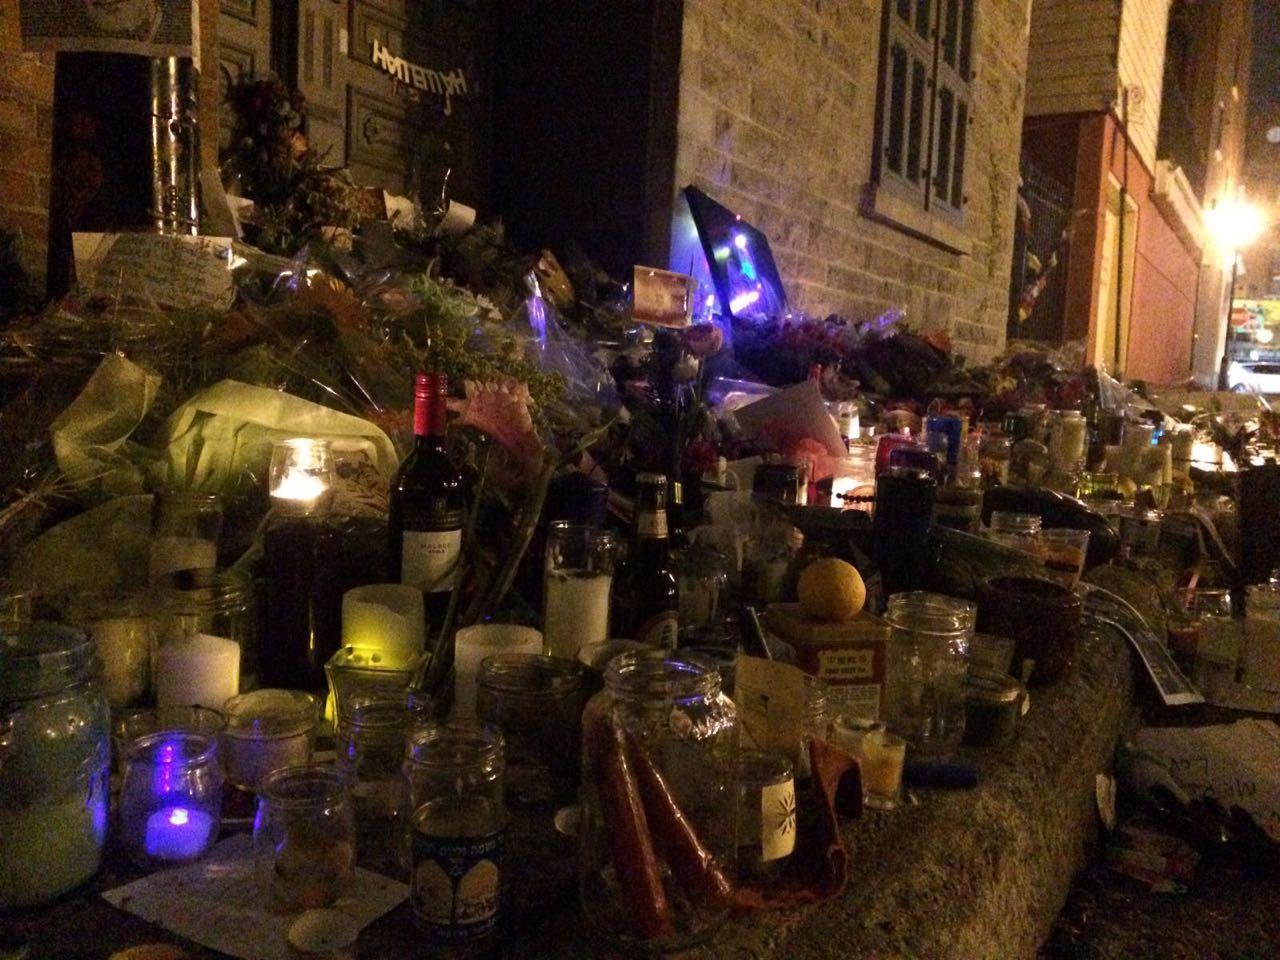 Memoral candles for Leonard Cohen